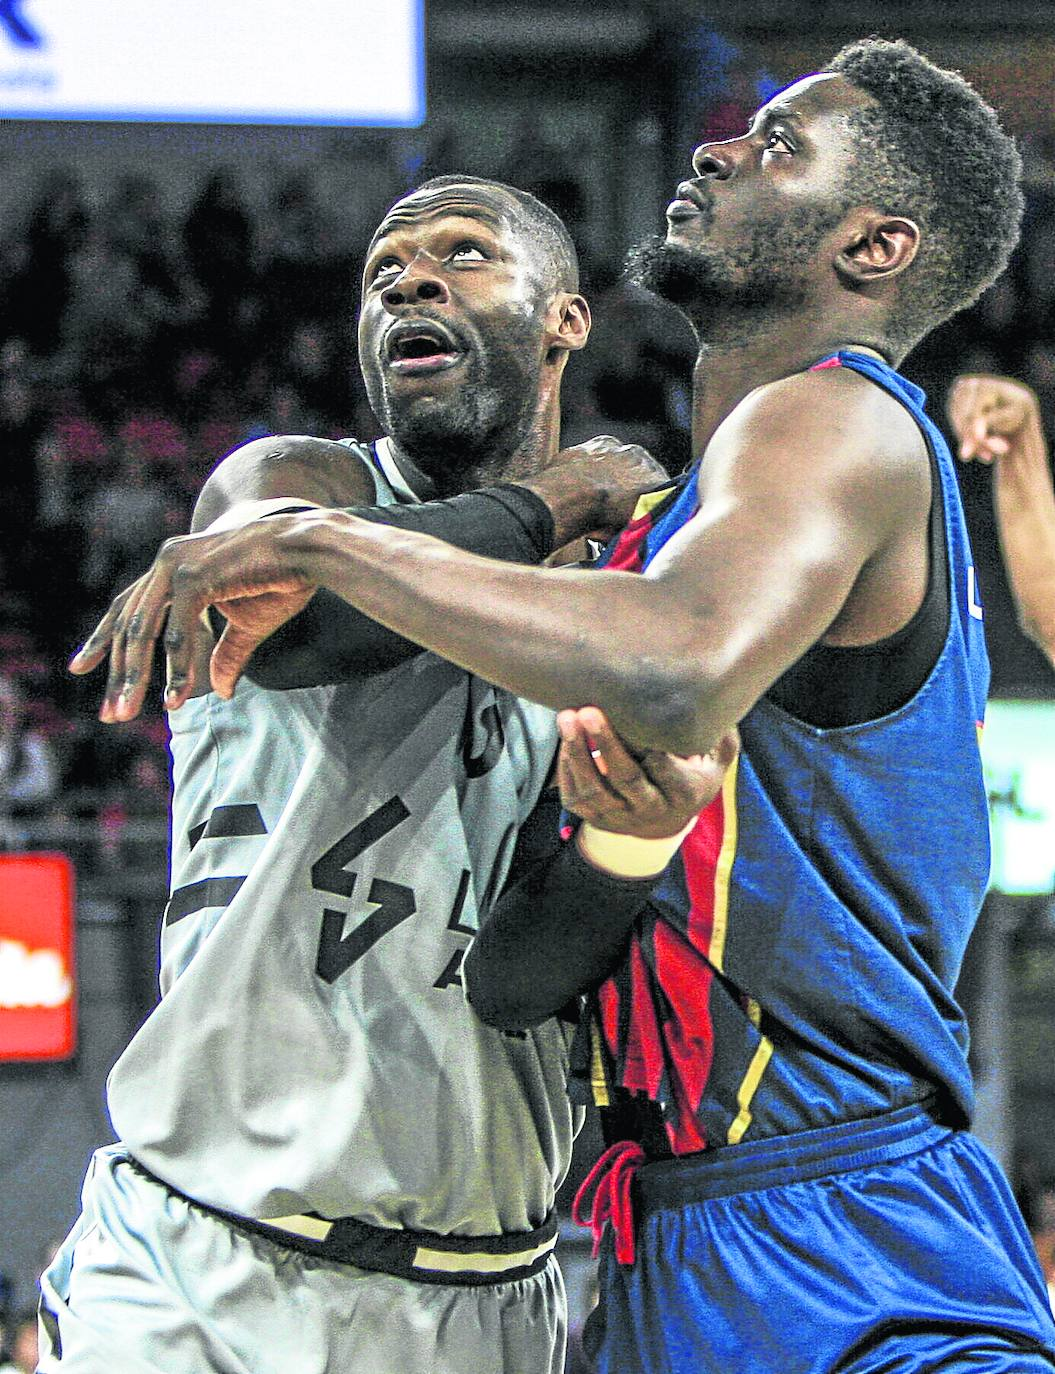 Tonye Jekiri, el chico al que no le gustaba el basket | Baskonia - El Correo